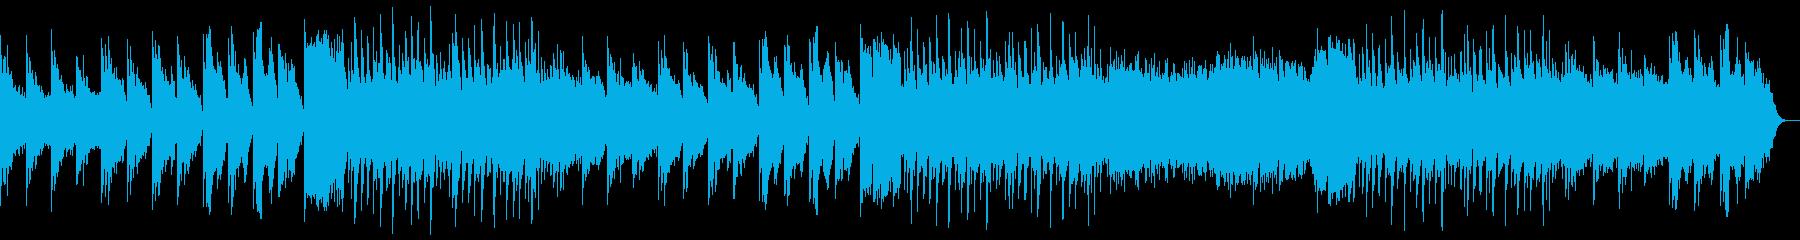 イルミネーション的幻想曲の再生済みの波形